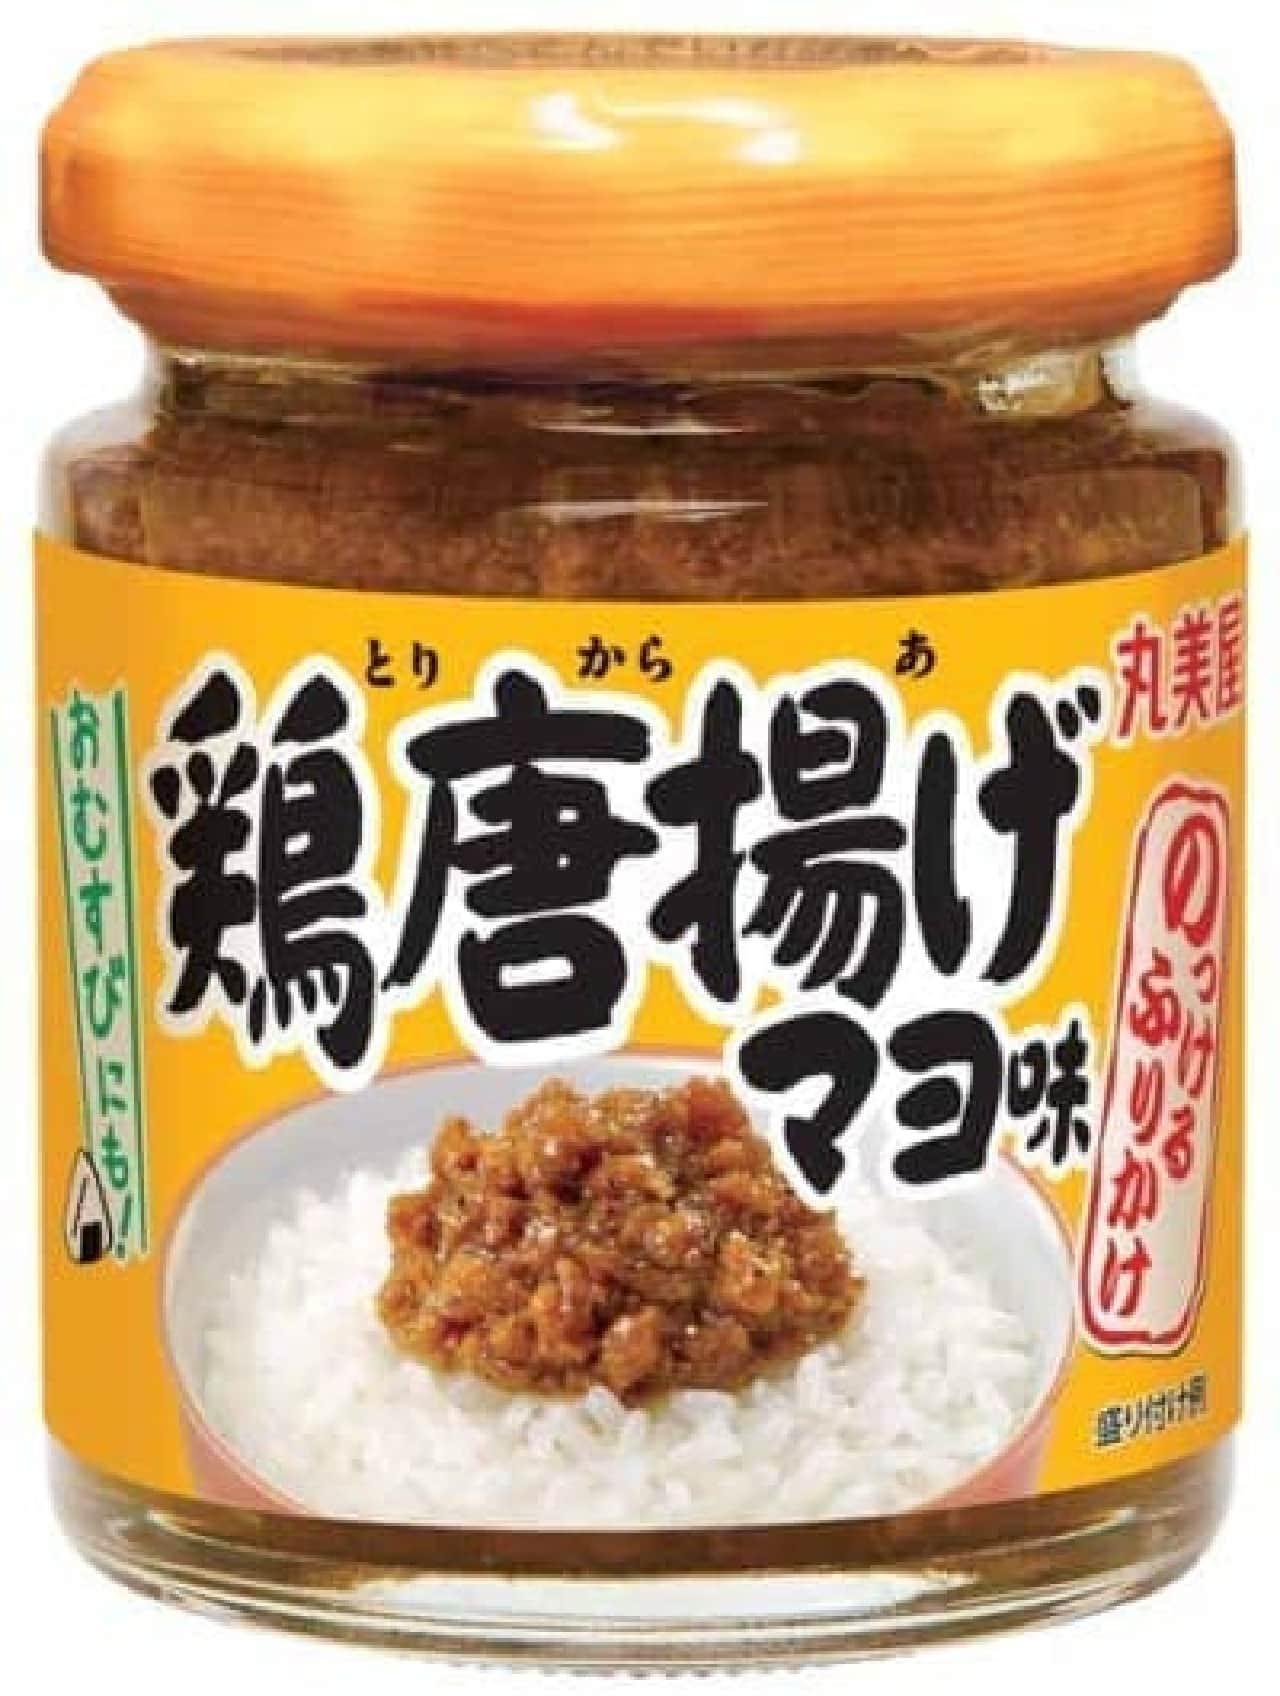 丸美屋「のっけるふりかけ<鶏唐揚げマヨ味>」